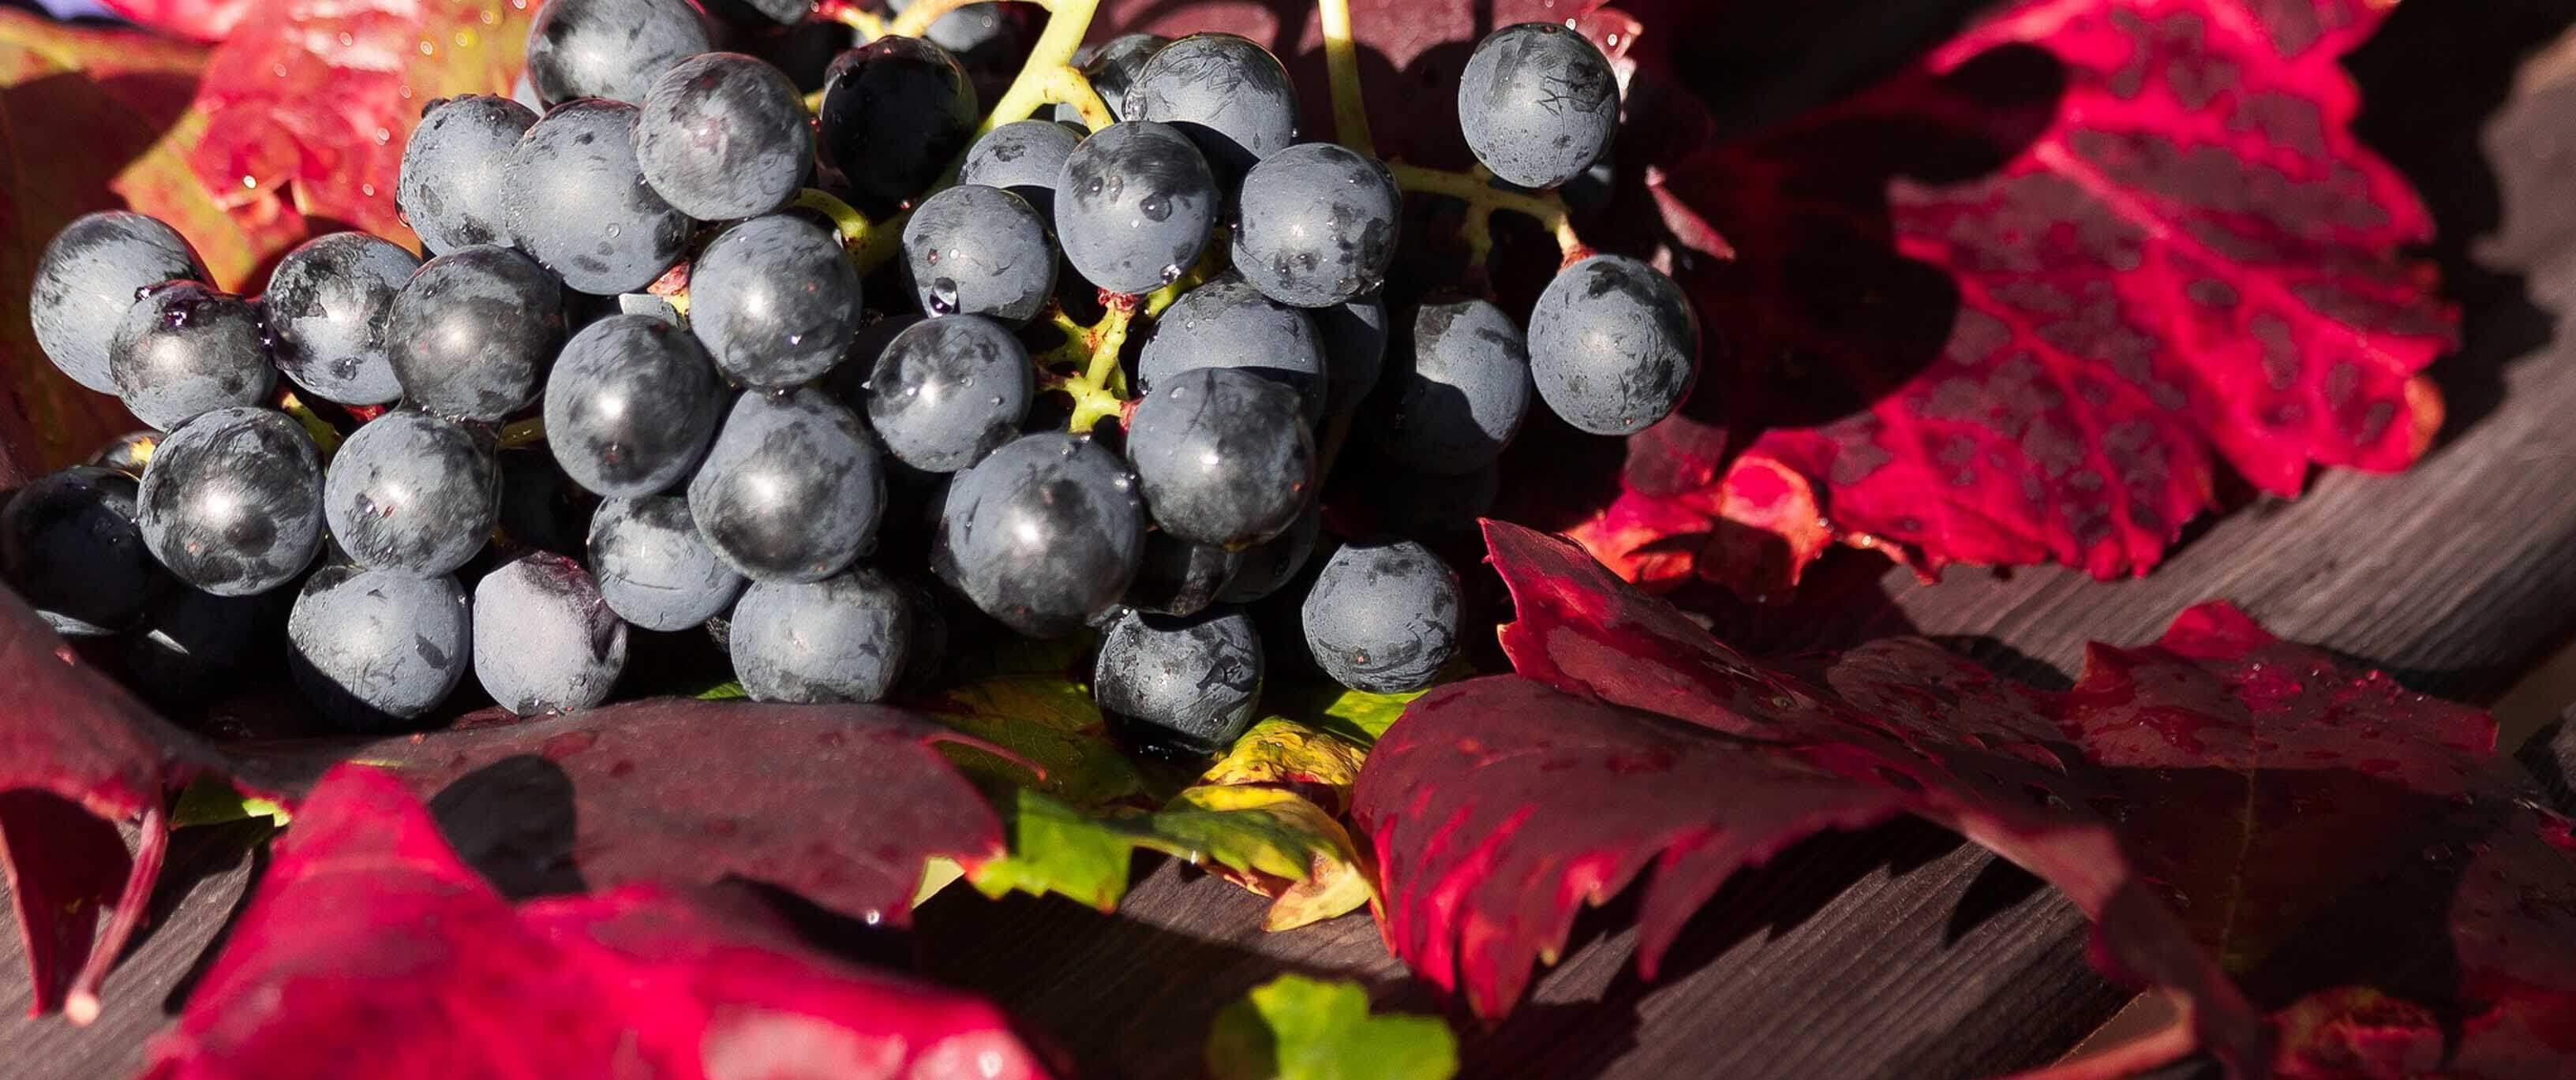 Trauben roteBlätter 1 von 1